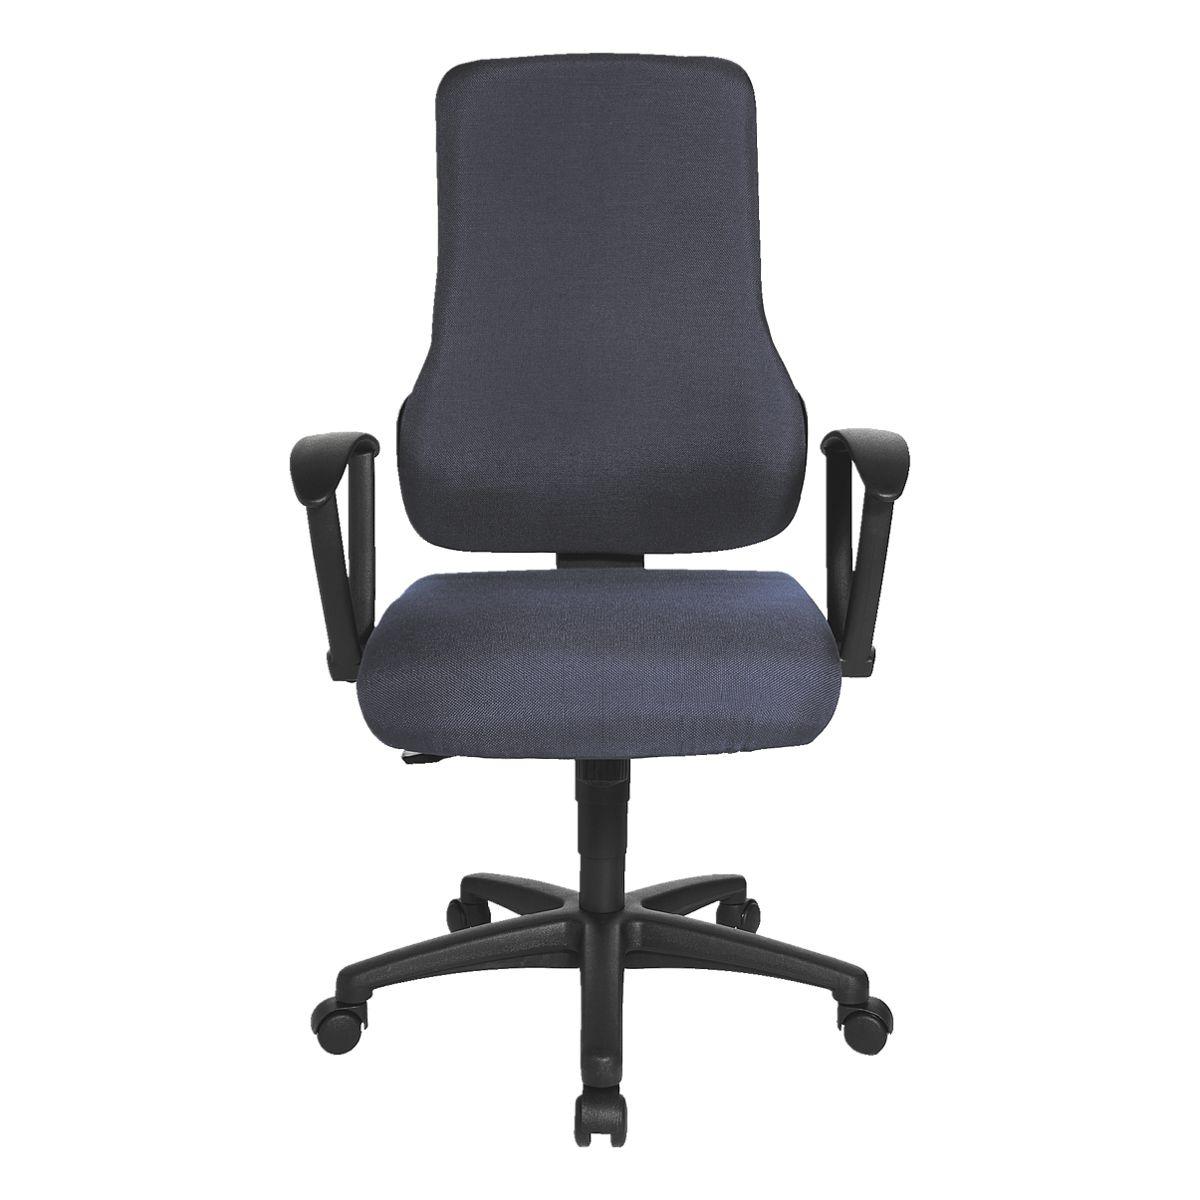 chaise si ge de bureau topstar top point sy sans accoudoirs acheter prix conomique chez. Black Bedroom Furniture Sets. Home Design Ideas